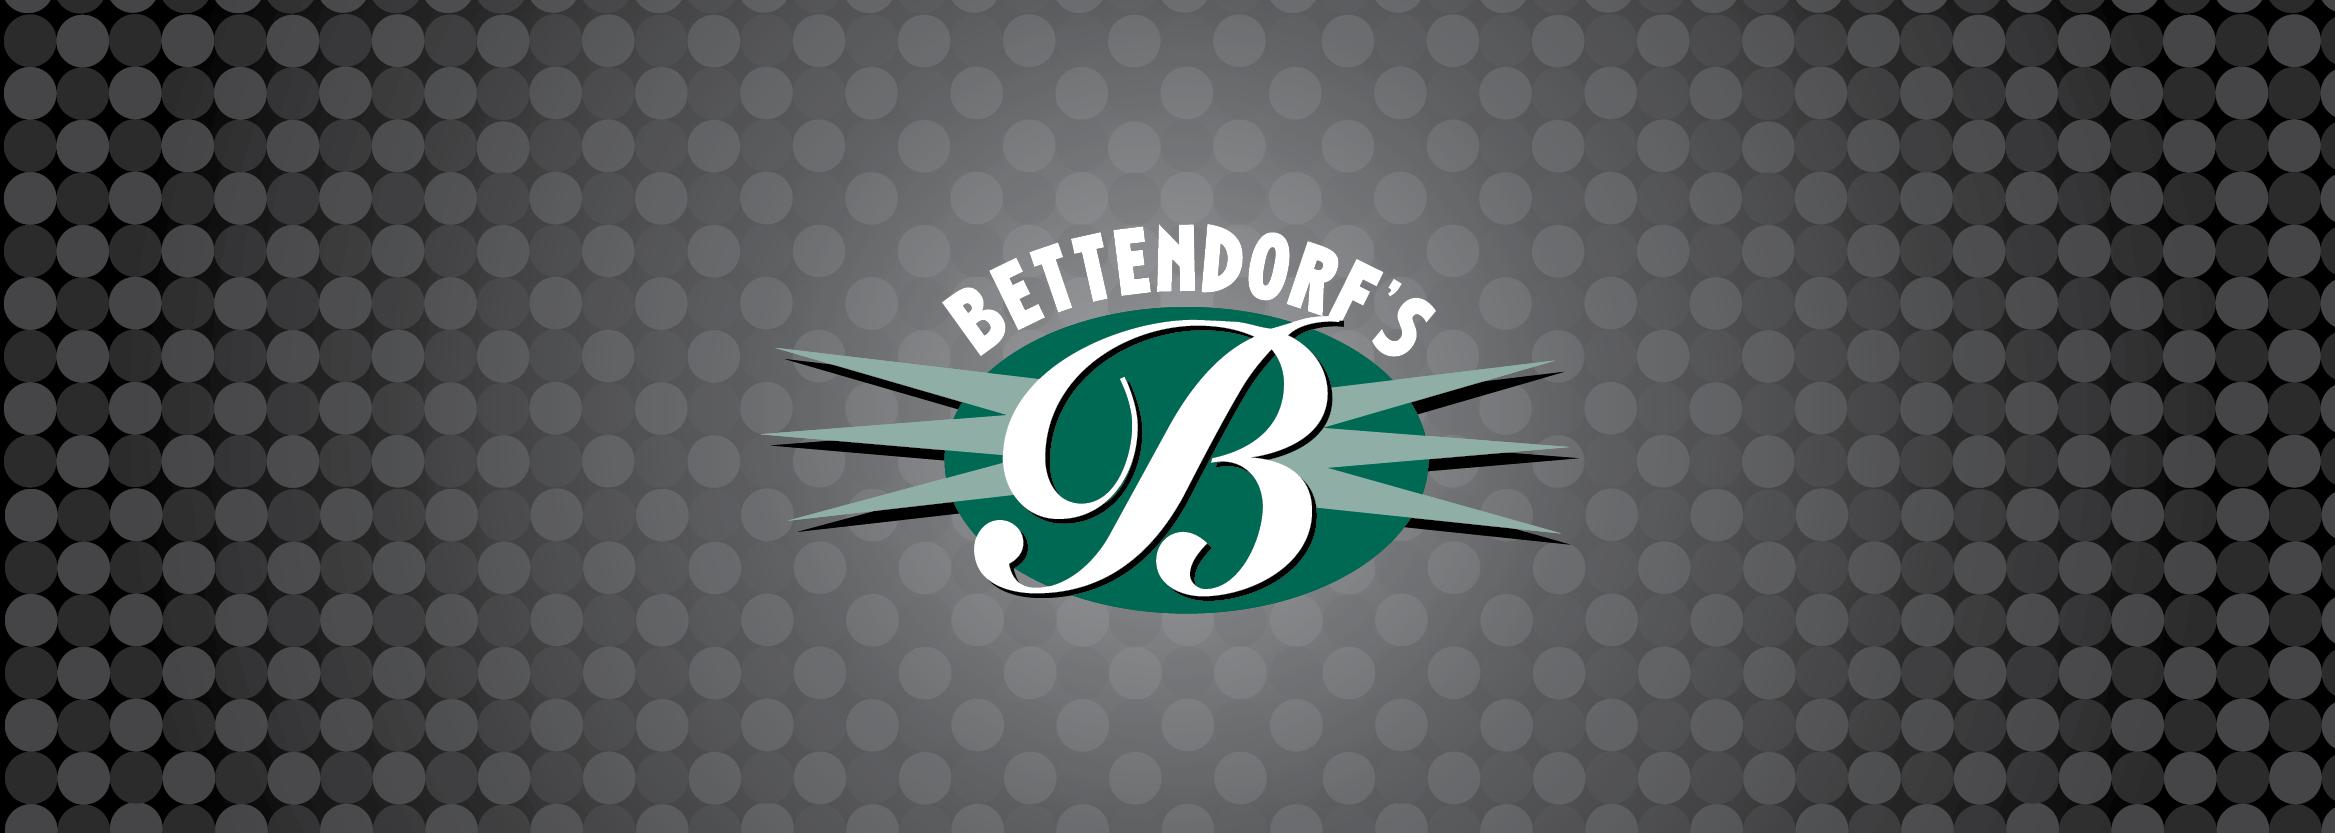 Bettendorfs_Website_Slider-3